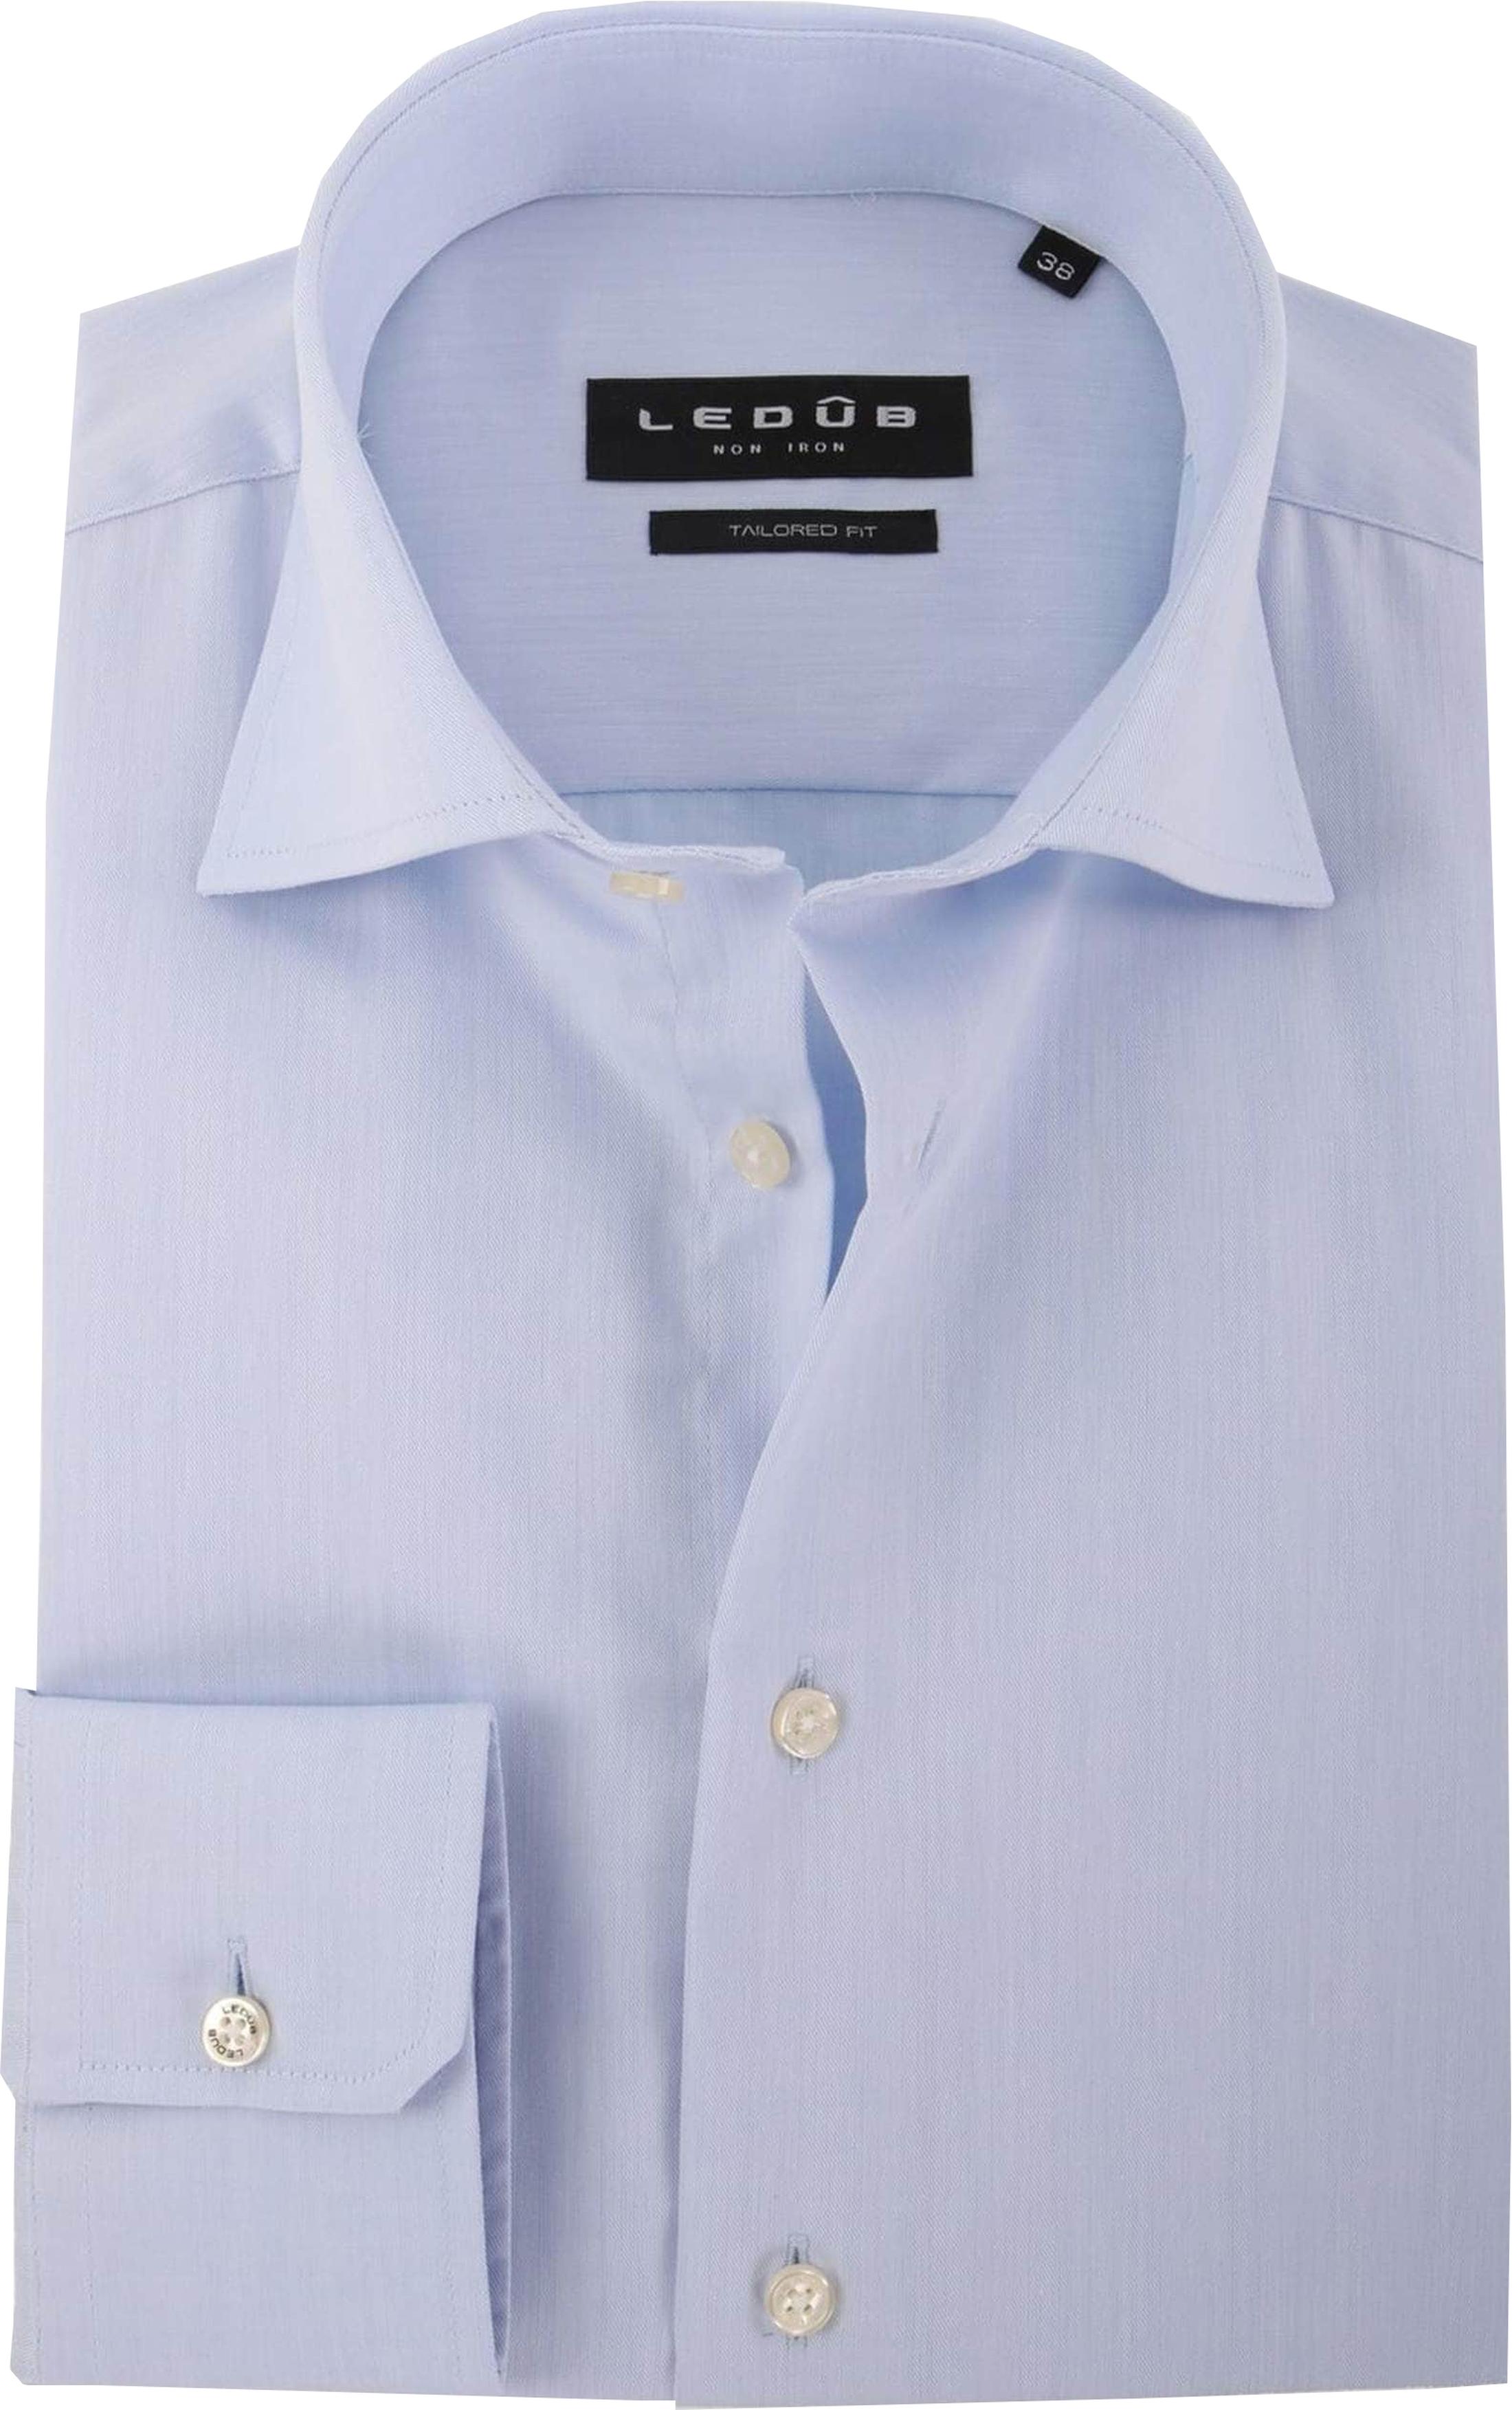 Ledub Non Iron Shirt Blue foto 0